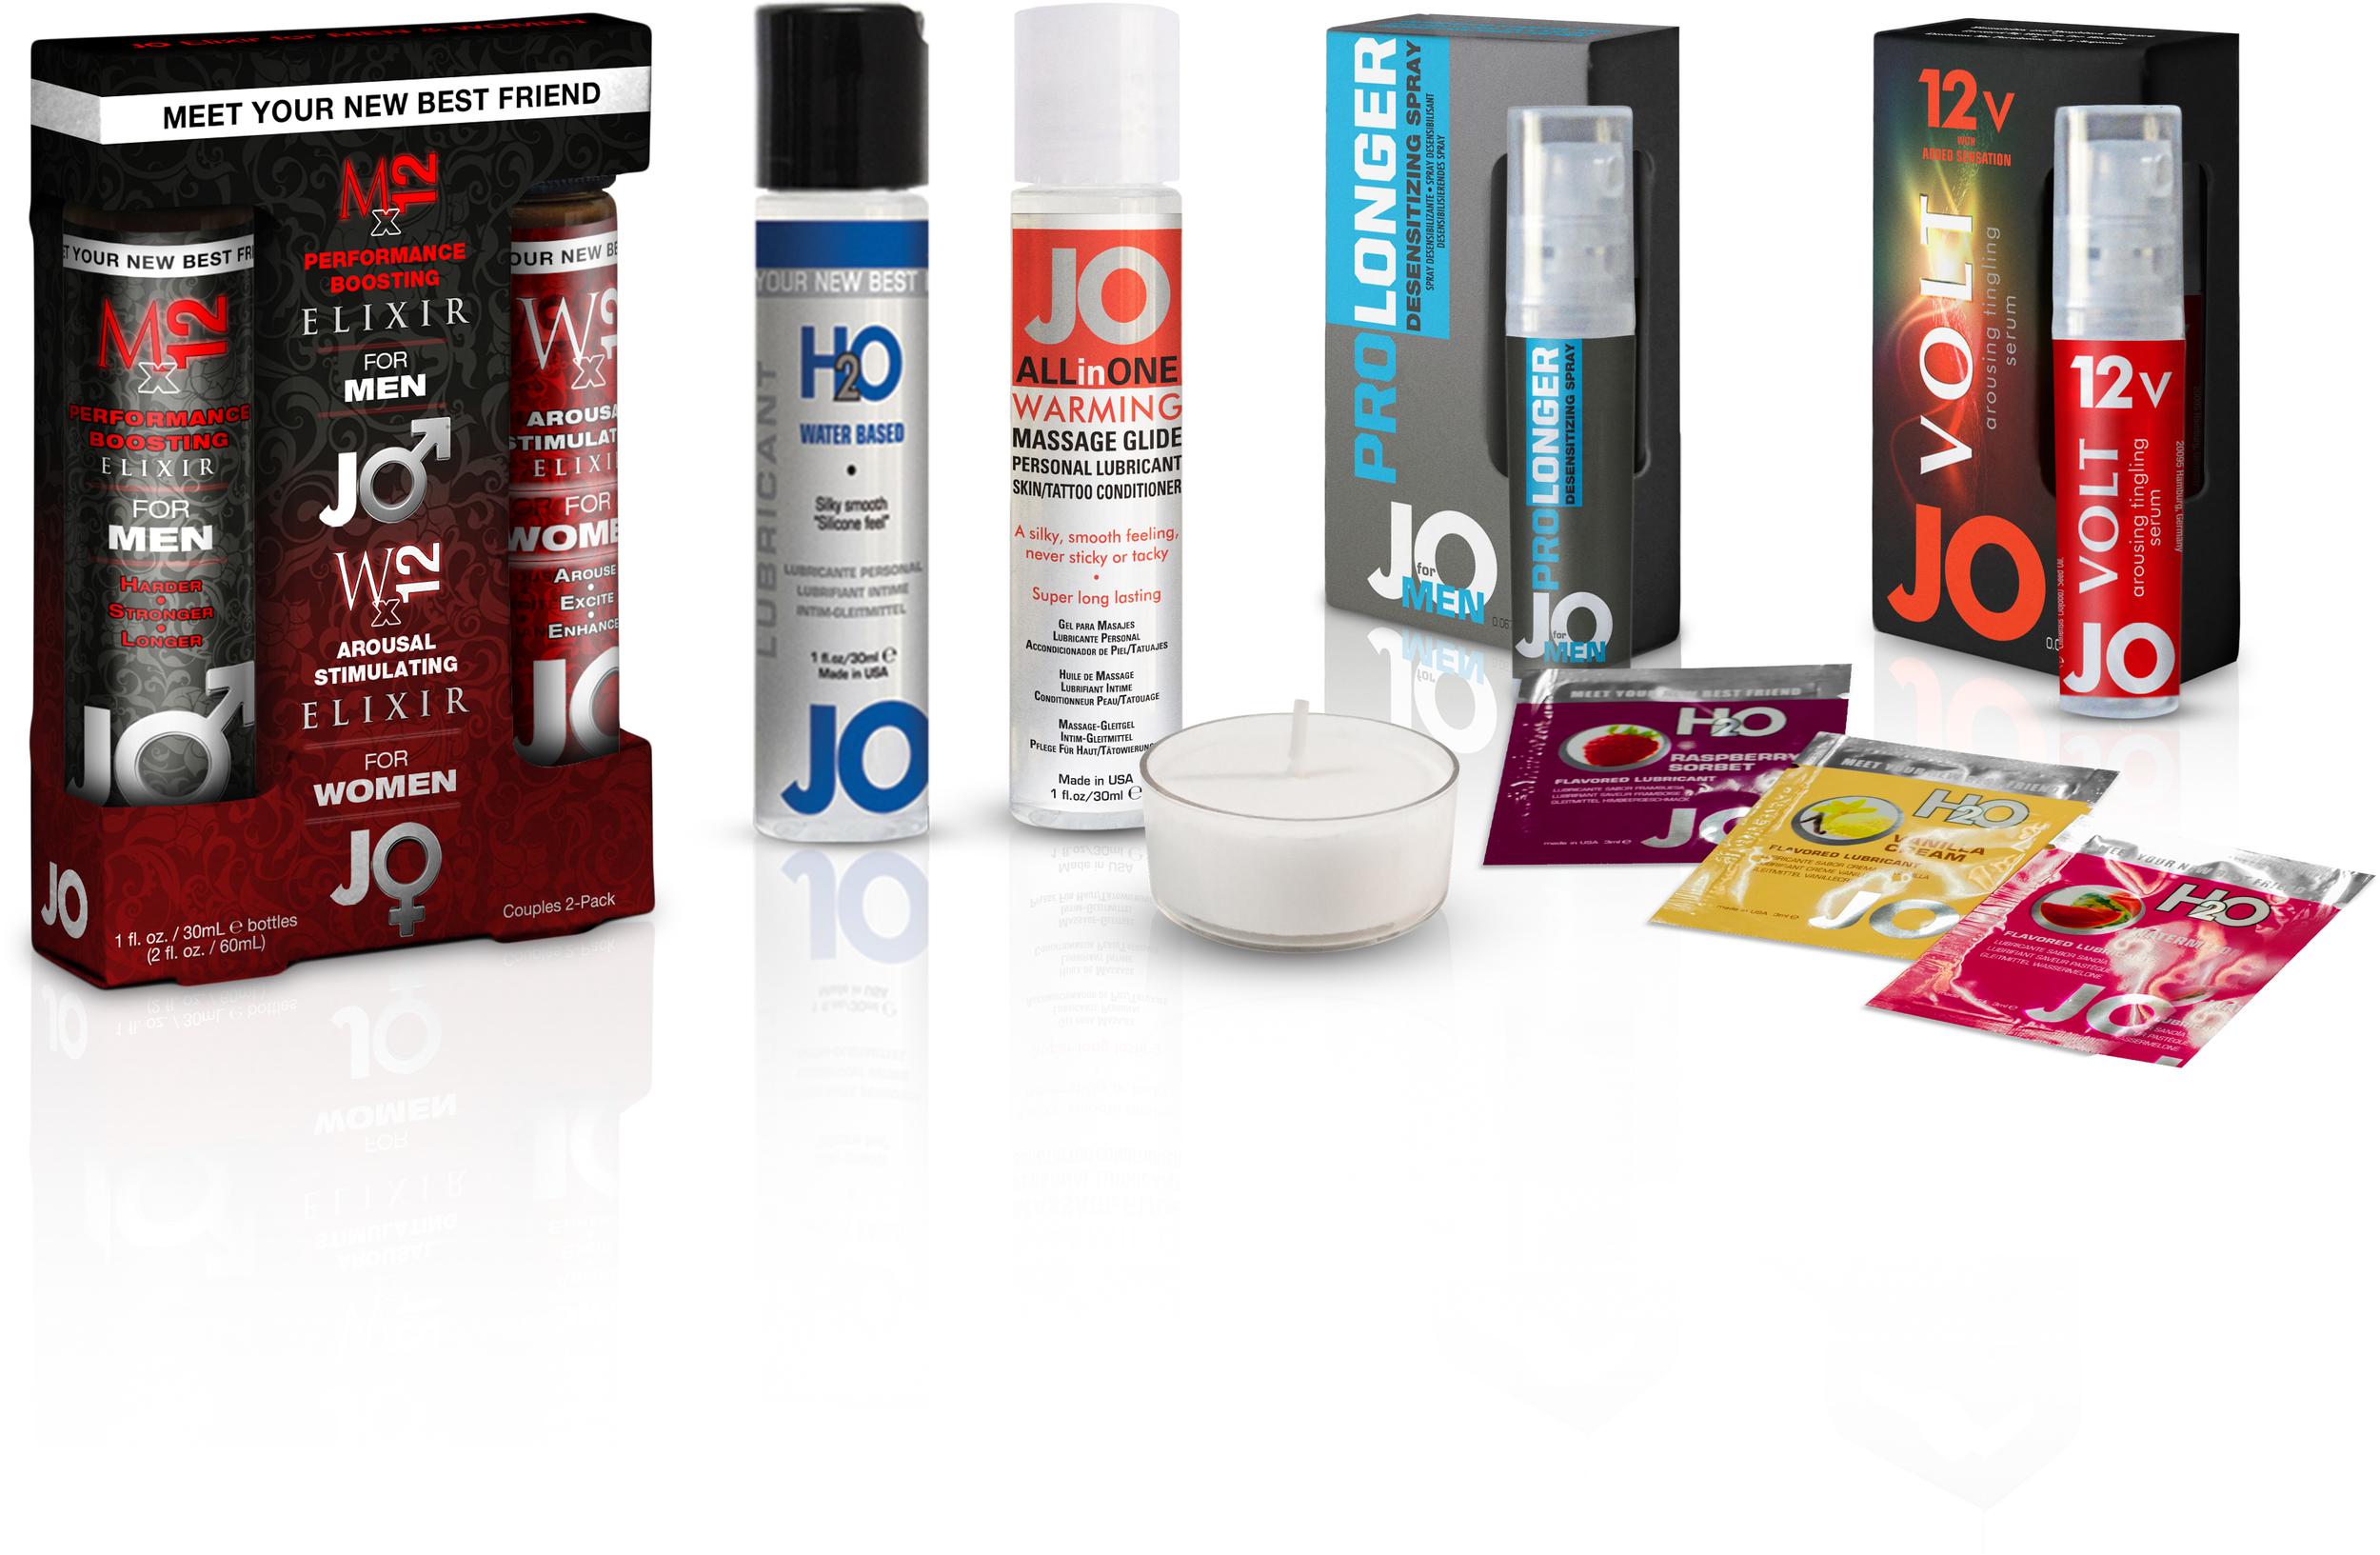 30502_taste_of_jo_products.jpg